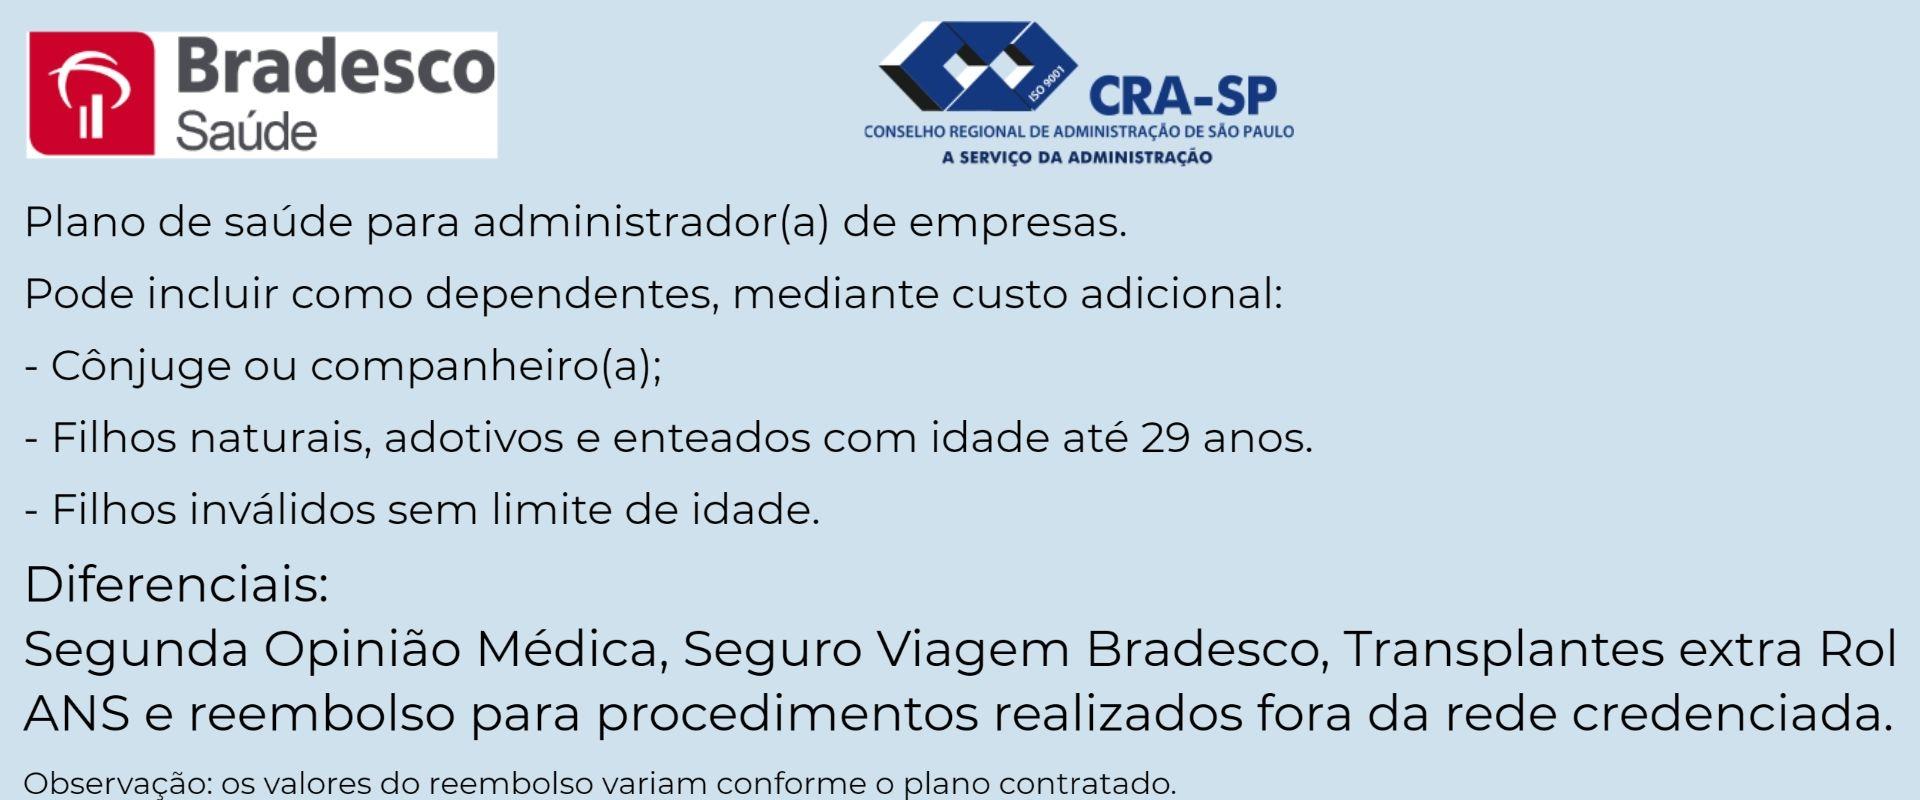 Bradesco Saúde CRA-SP